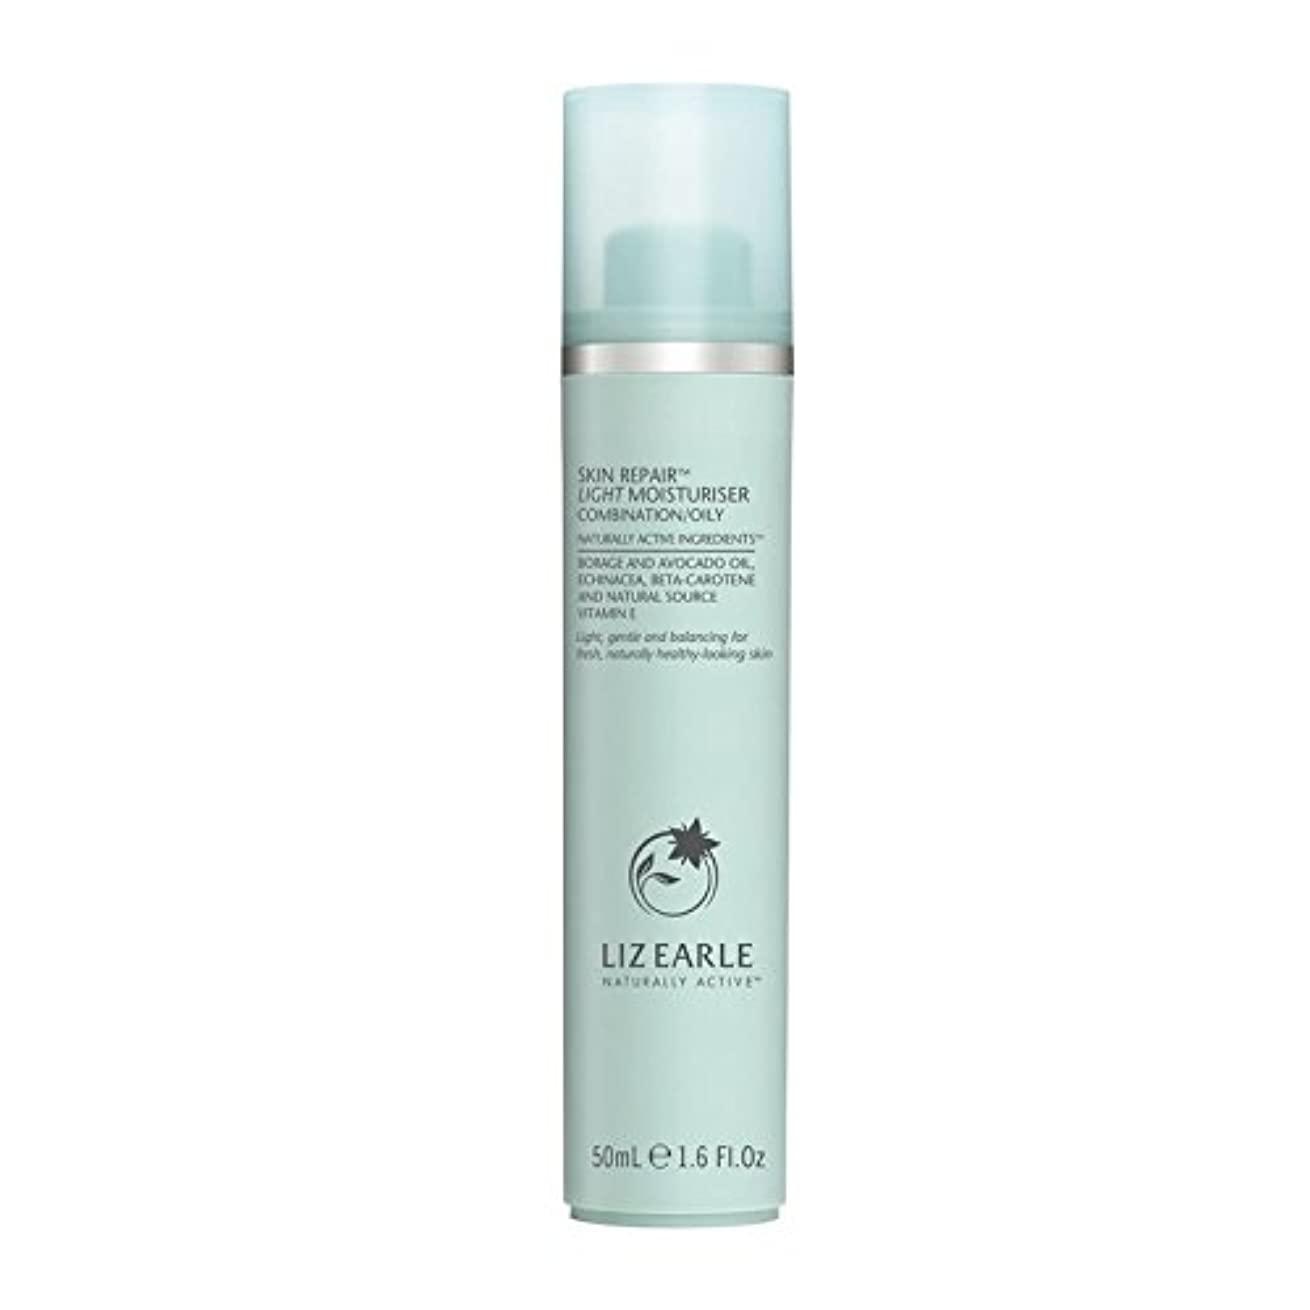 助けになる優しい祝福リズアールスキンリペア光の保湿剤の組み合わせ/油性50ミリリットル x2 - Liz Earle Skin Repair Light Moisturiser Combination/Oily 50ml (Pack of...